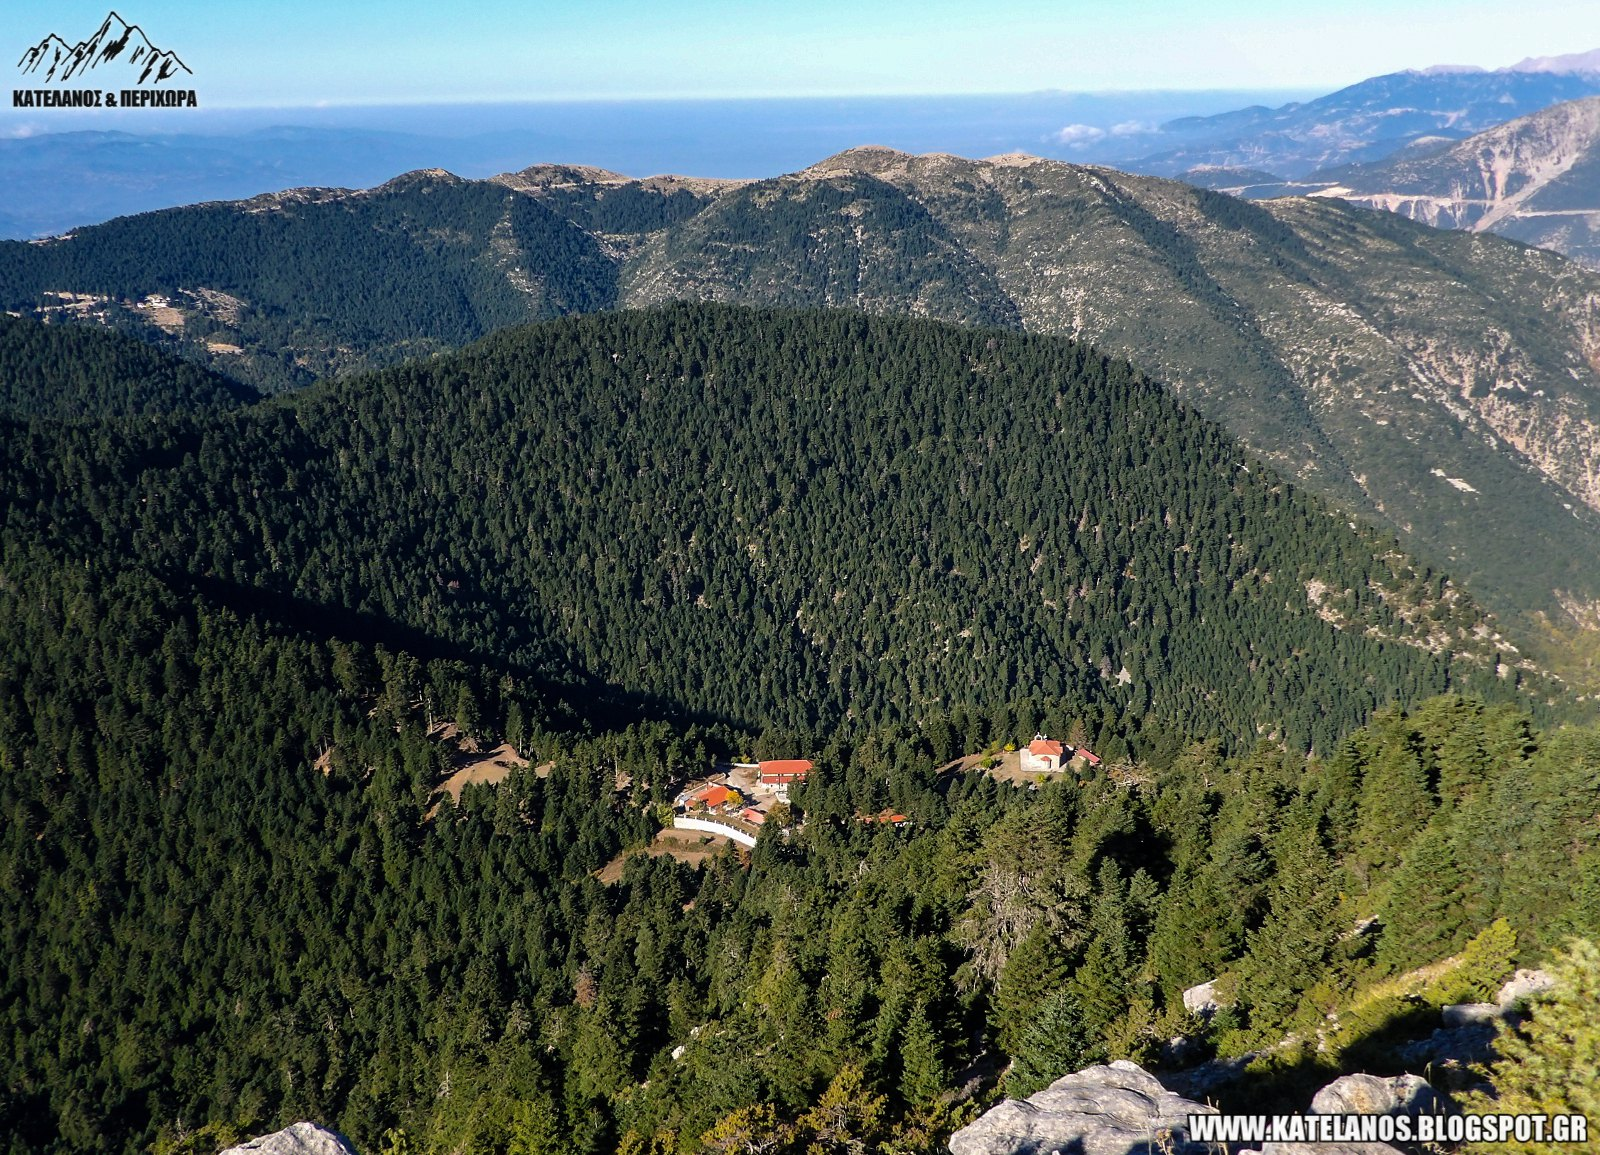 αγια κυριακη λεπτοκαρυα ορεινη ναυπακτια